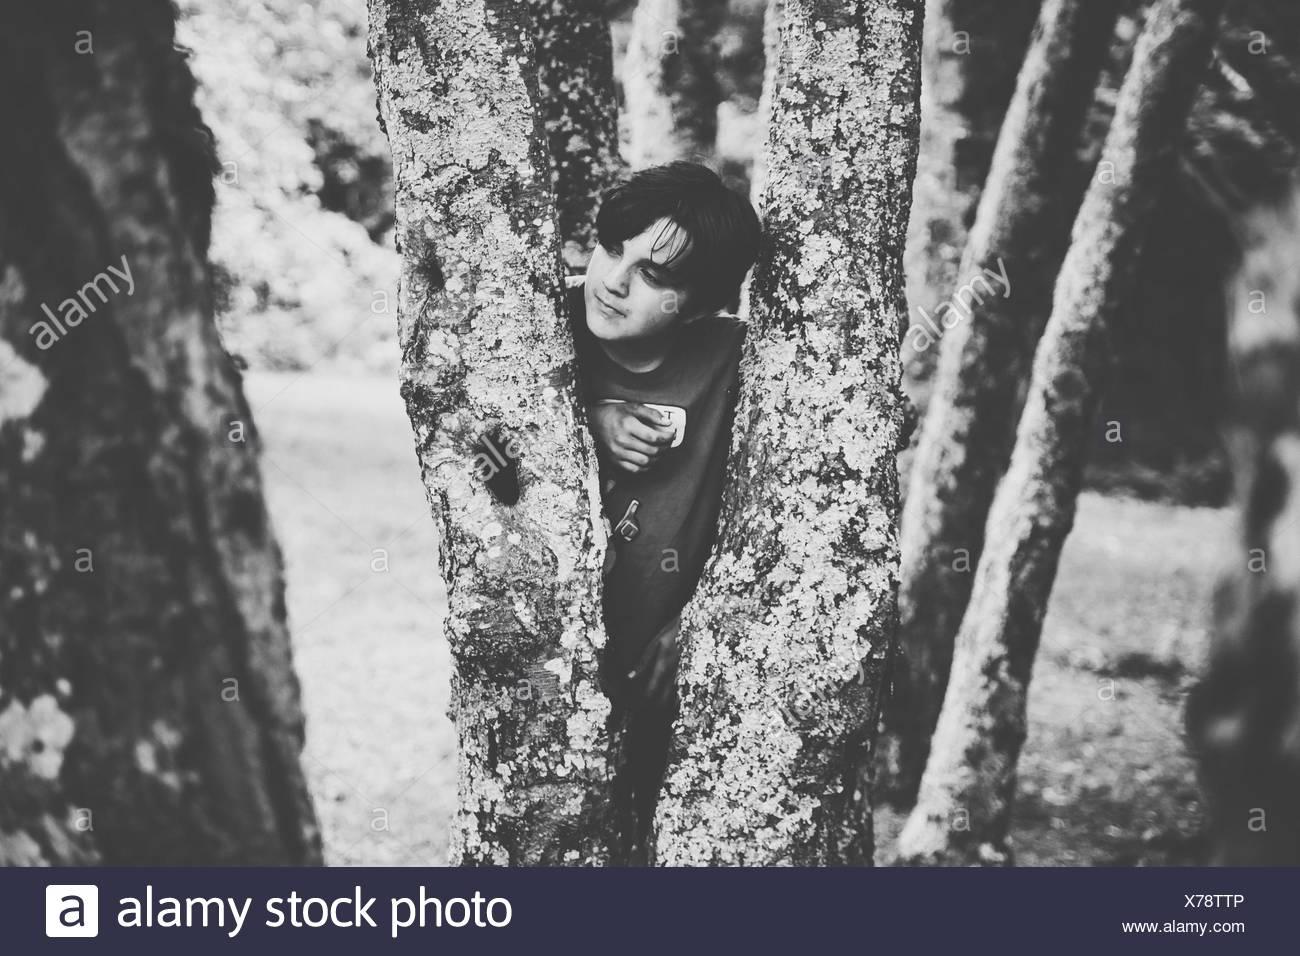 Jeune homme debout derrière les troncs des arbres en Parc Photo Stock